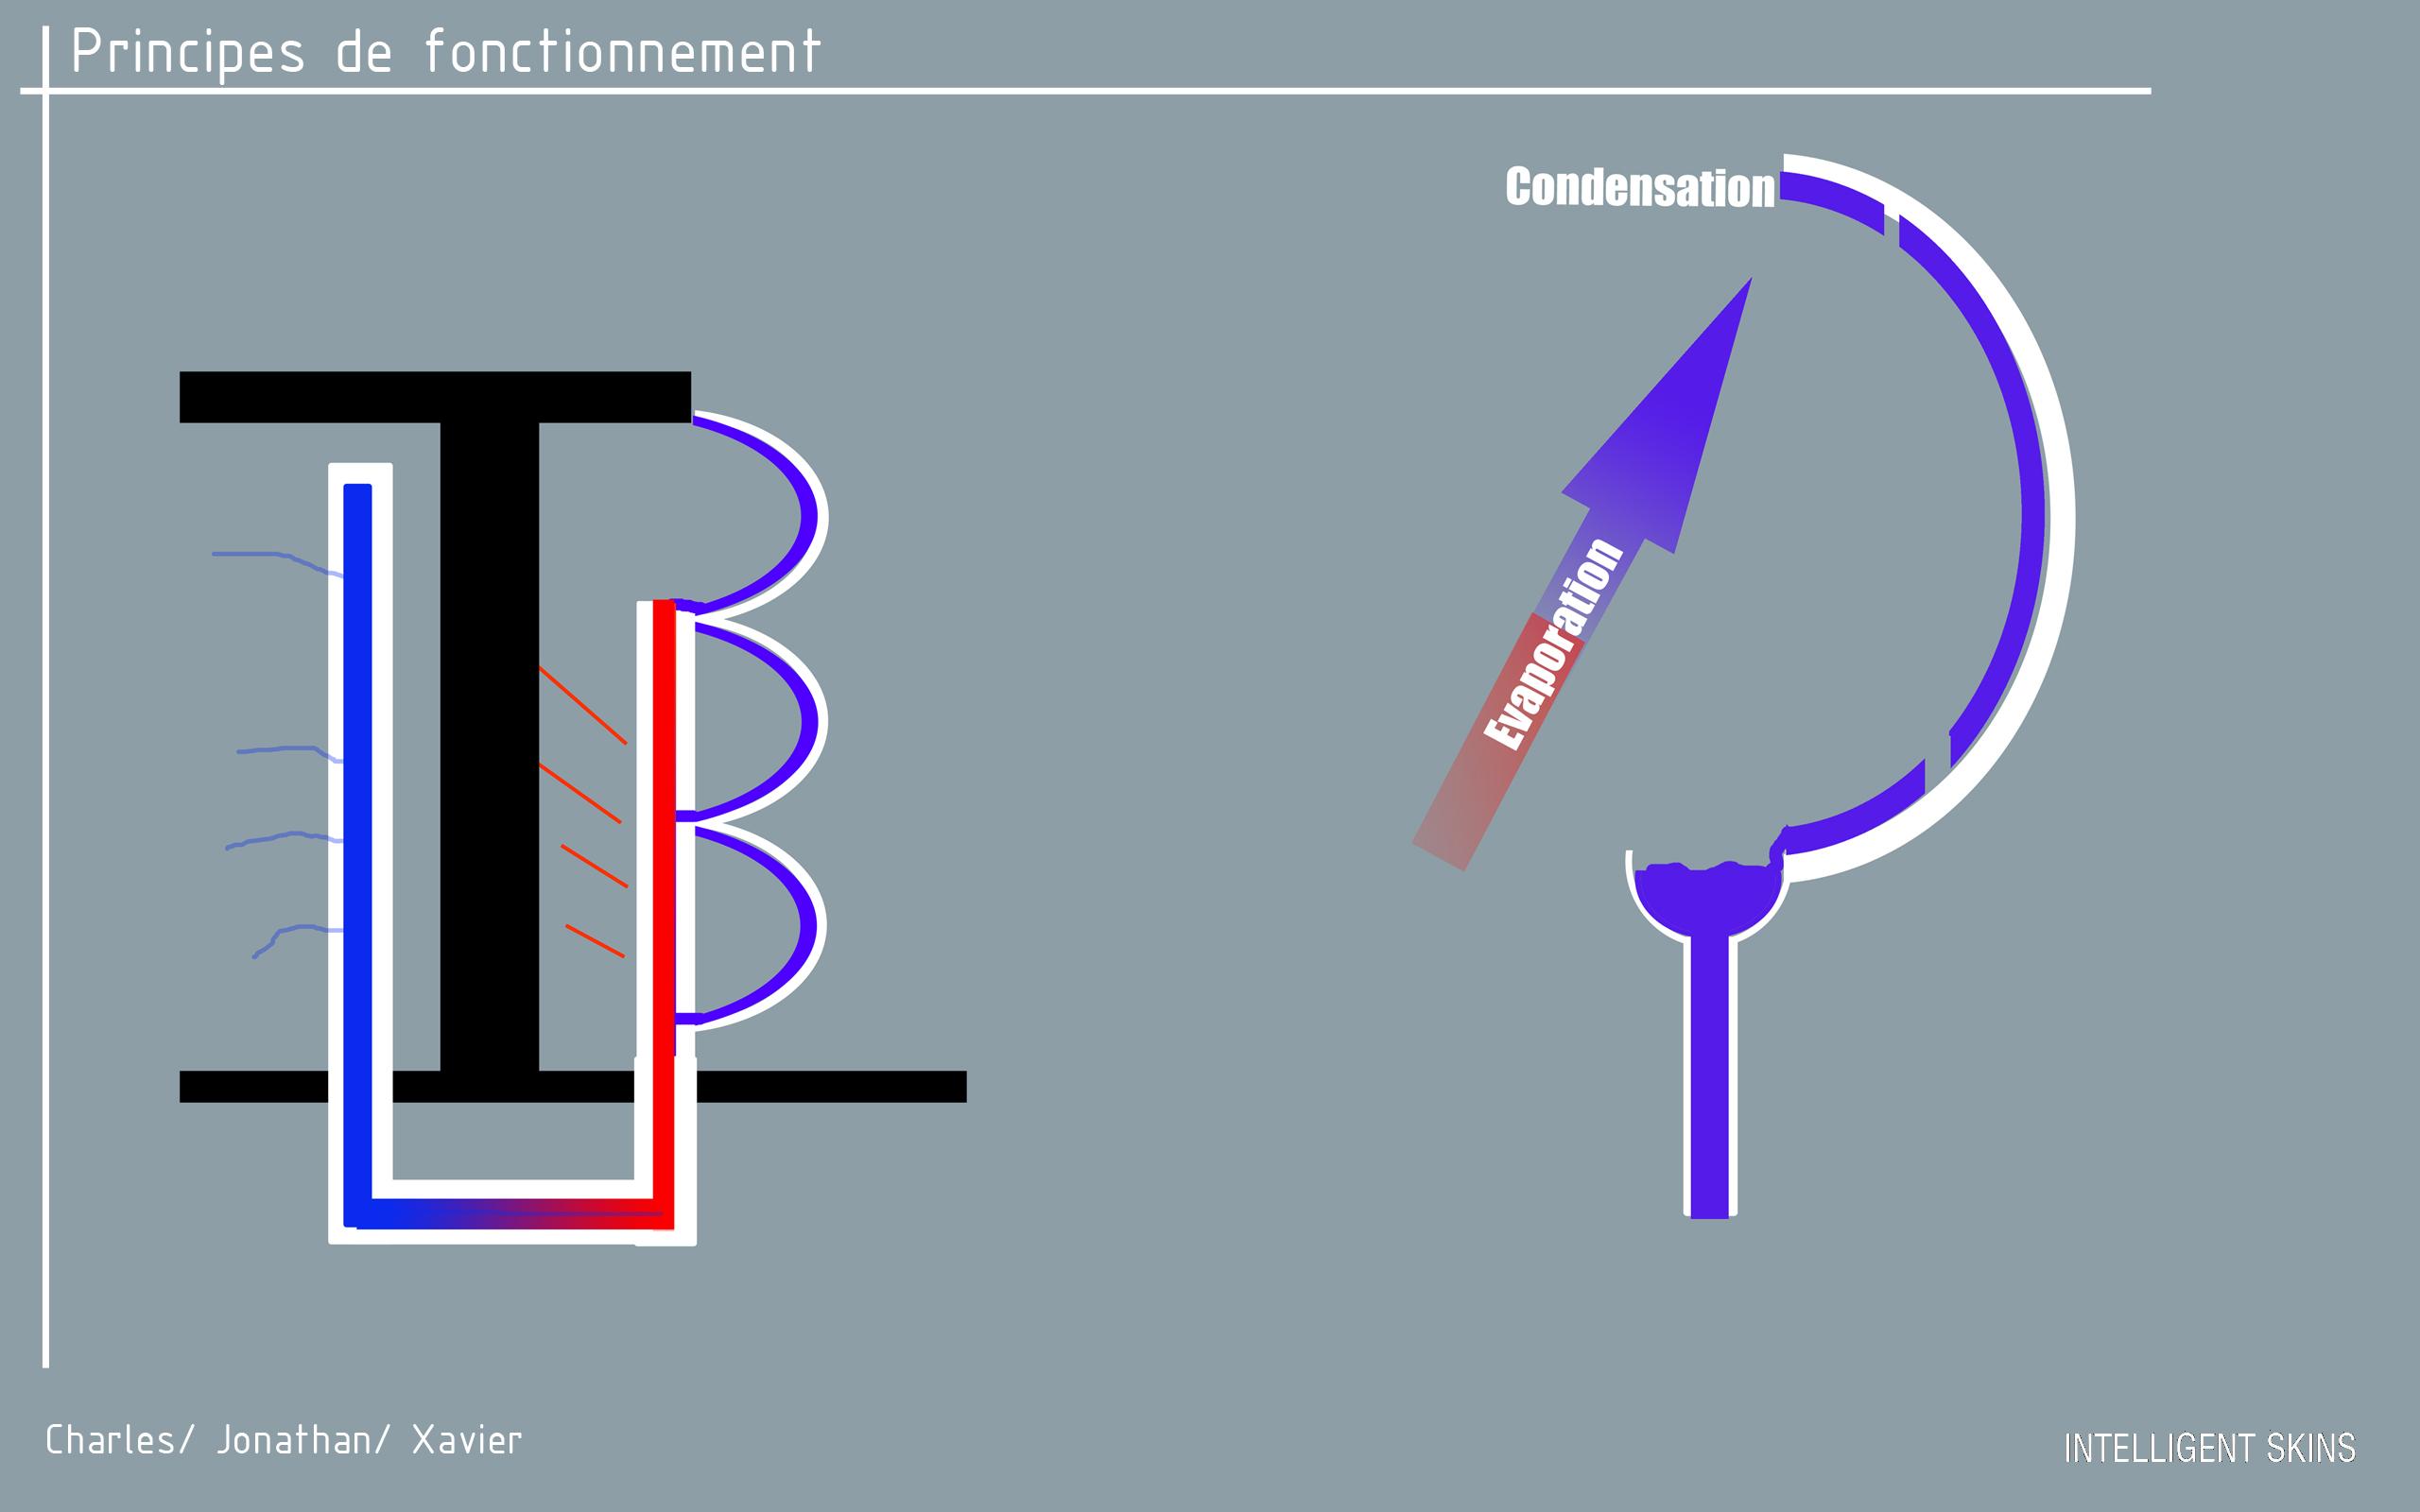 dans la continuit du travail sur les serres nous nous sommes poss la question de comment rafraichir un batiment en t en intgrant la condensation dans - Condensation Dans Une Maison